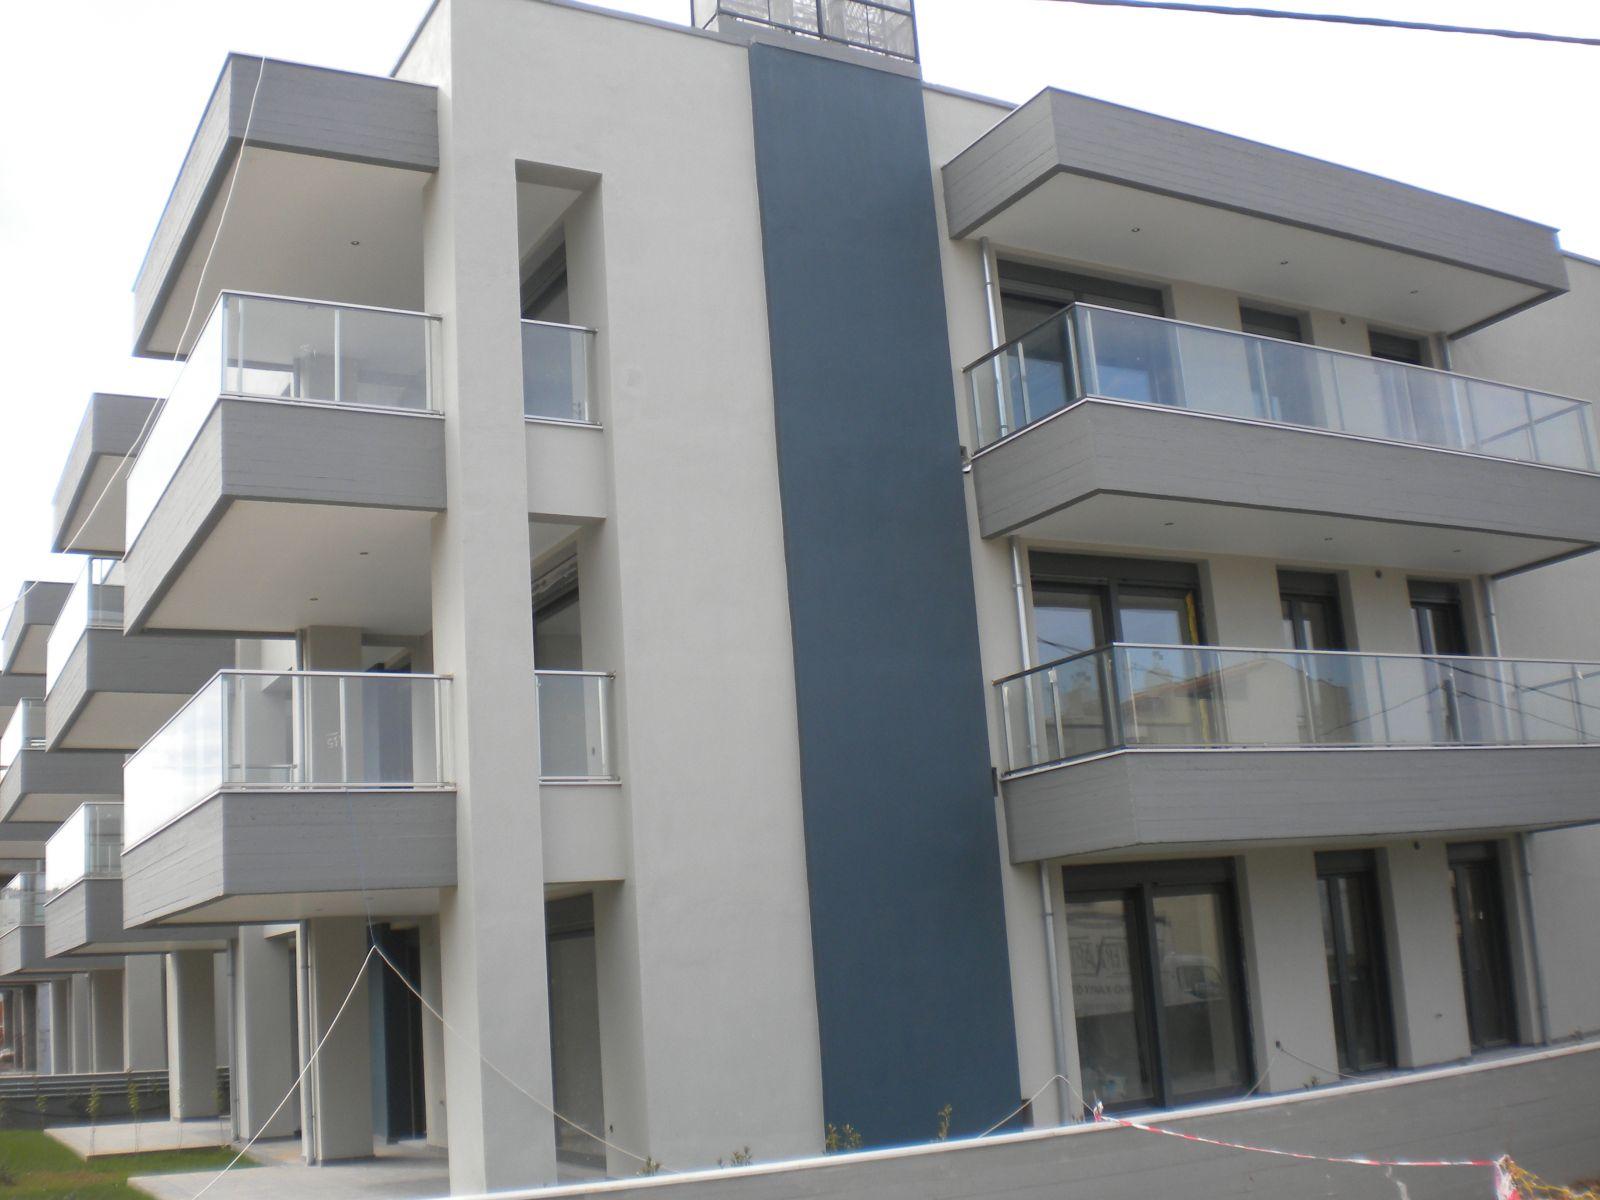 Εξωτερική θερμοπρόσοψη με θερμοσοβά Tektoterm σε πολυτελείς κατοικίες στην Τούμπα Θεσσαλονίκης επιφάνειας 1.250sqm